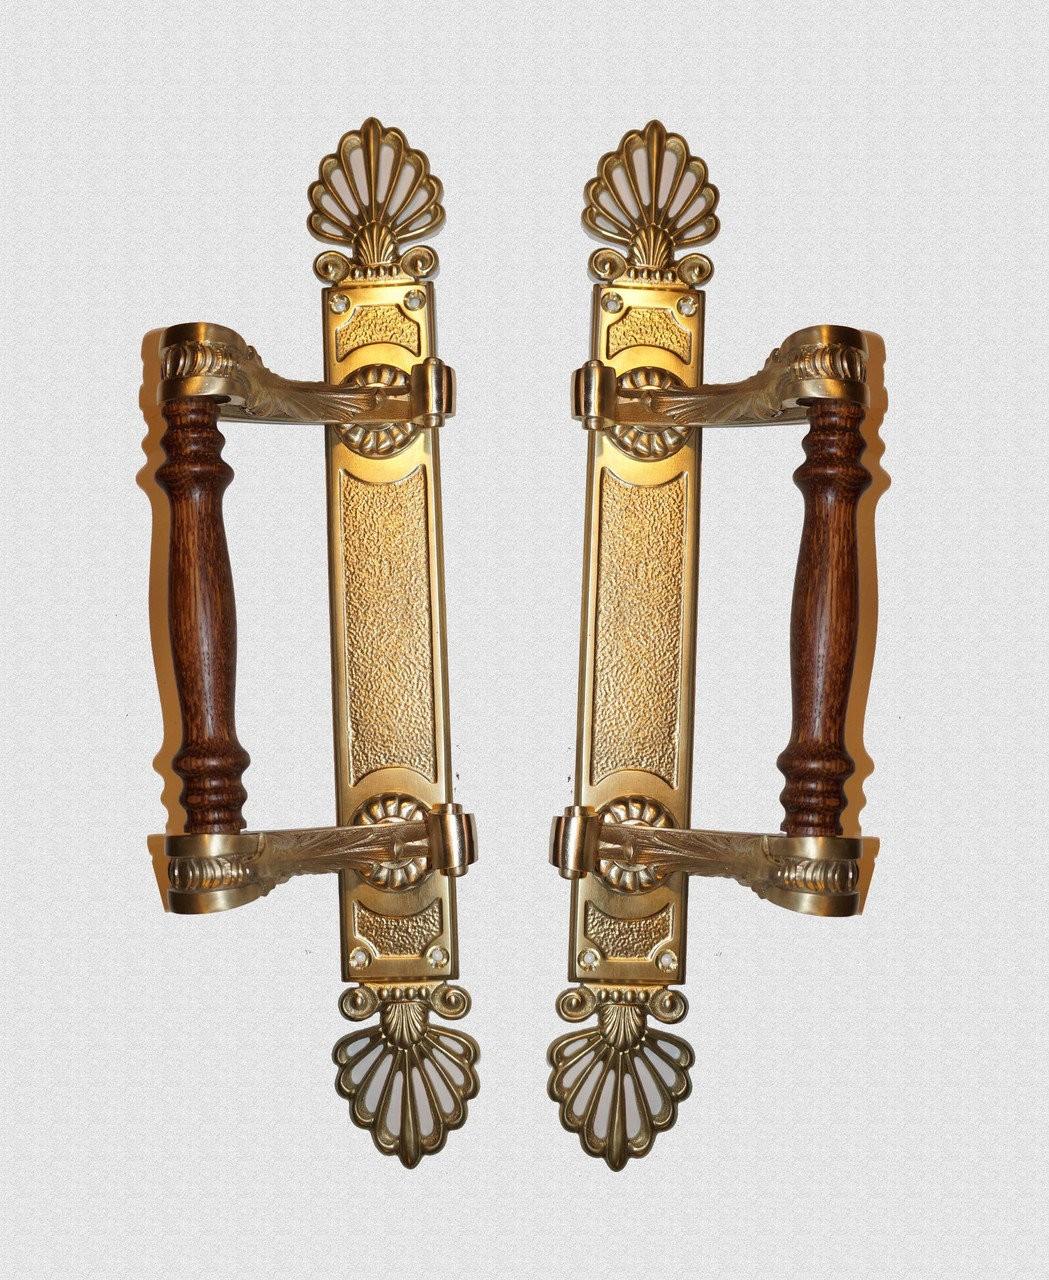 Ручка дверная опорная с завитками на пластине с лопухами, арт: 01-058